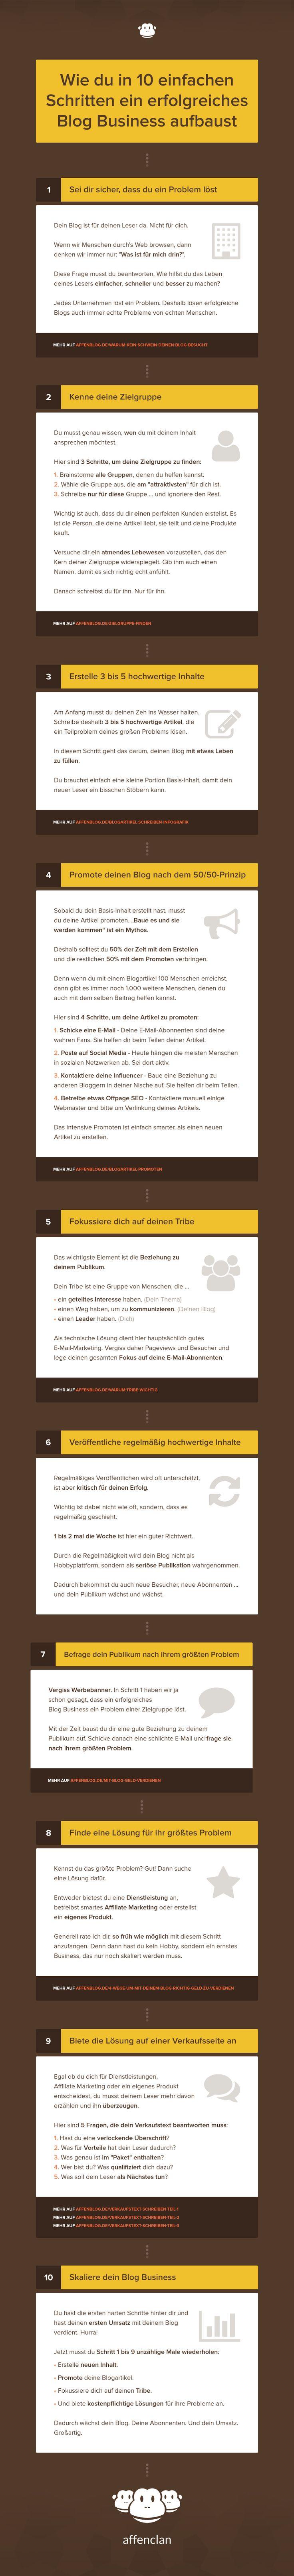 Wie du in 10 einfachen Schritten ein erfolgreiches Blog Business aufbaust [Infografik]